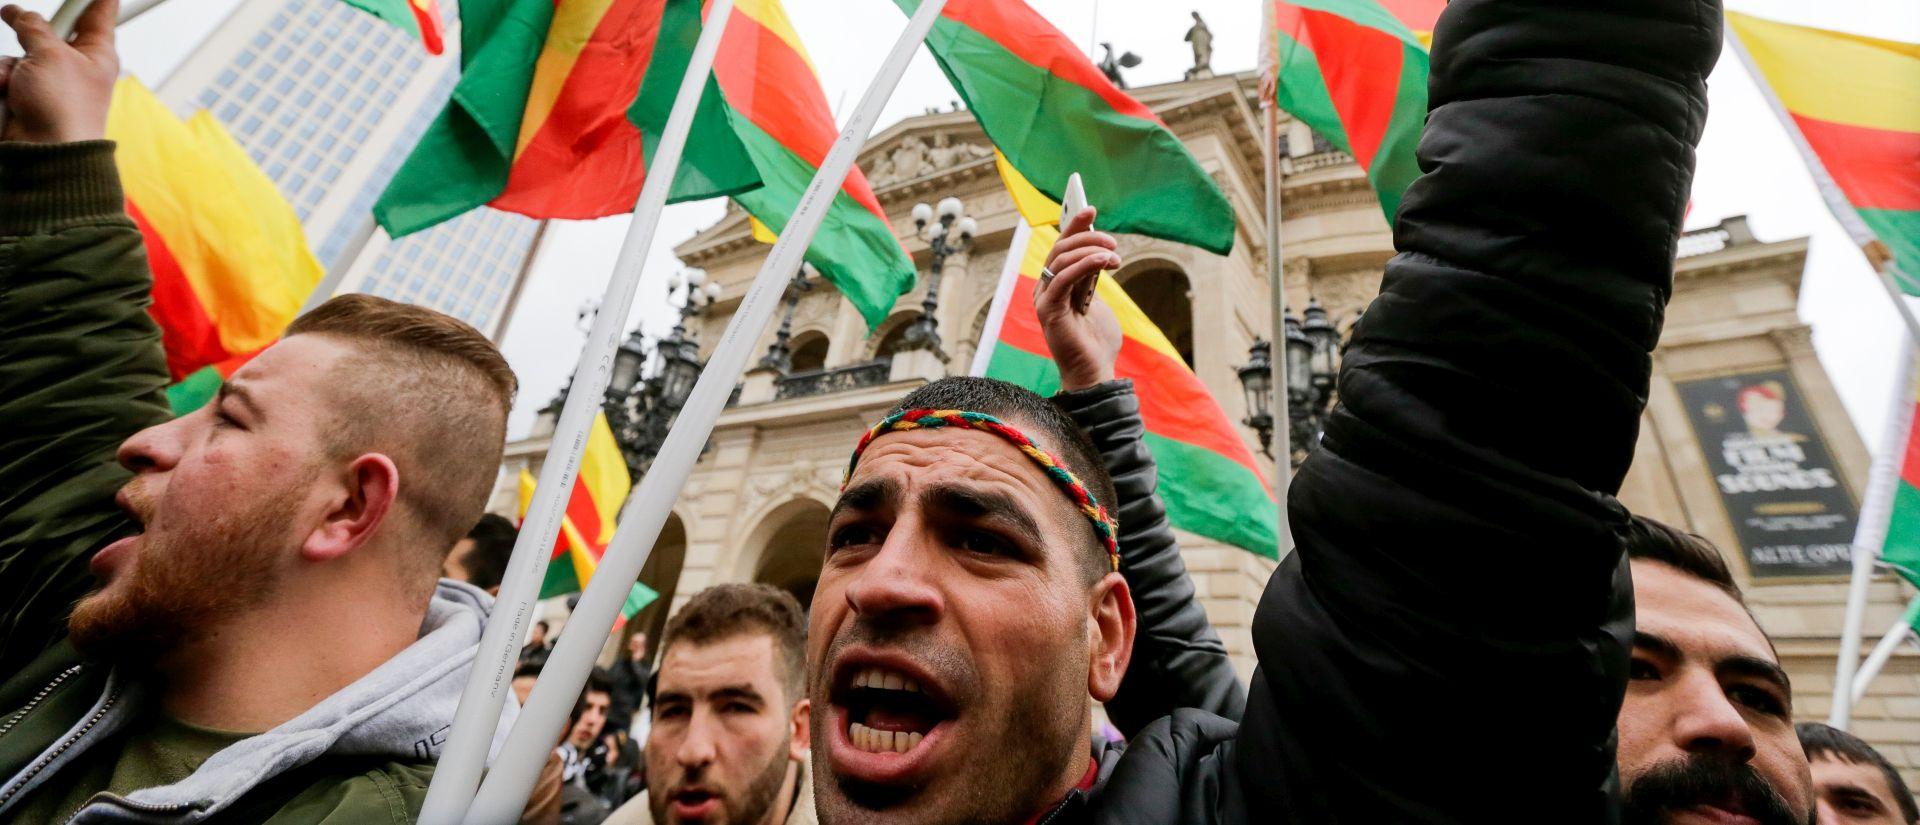 """U Njemačkoj 30 tisuća Kurda prosvjeduje za """"demokraciju u Turskoj"""""""